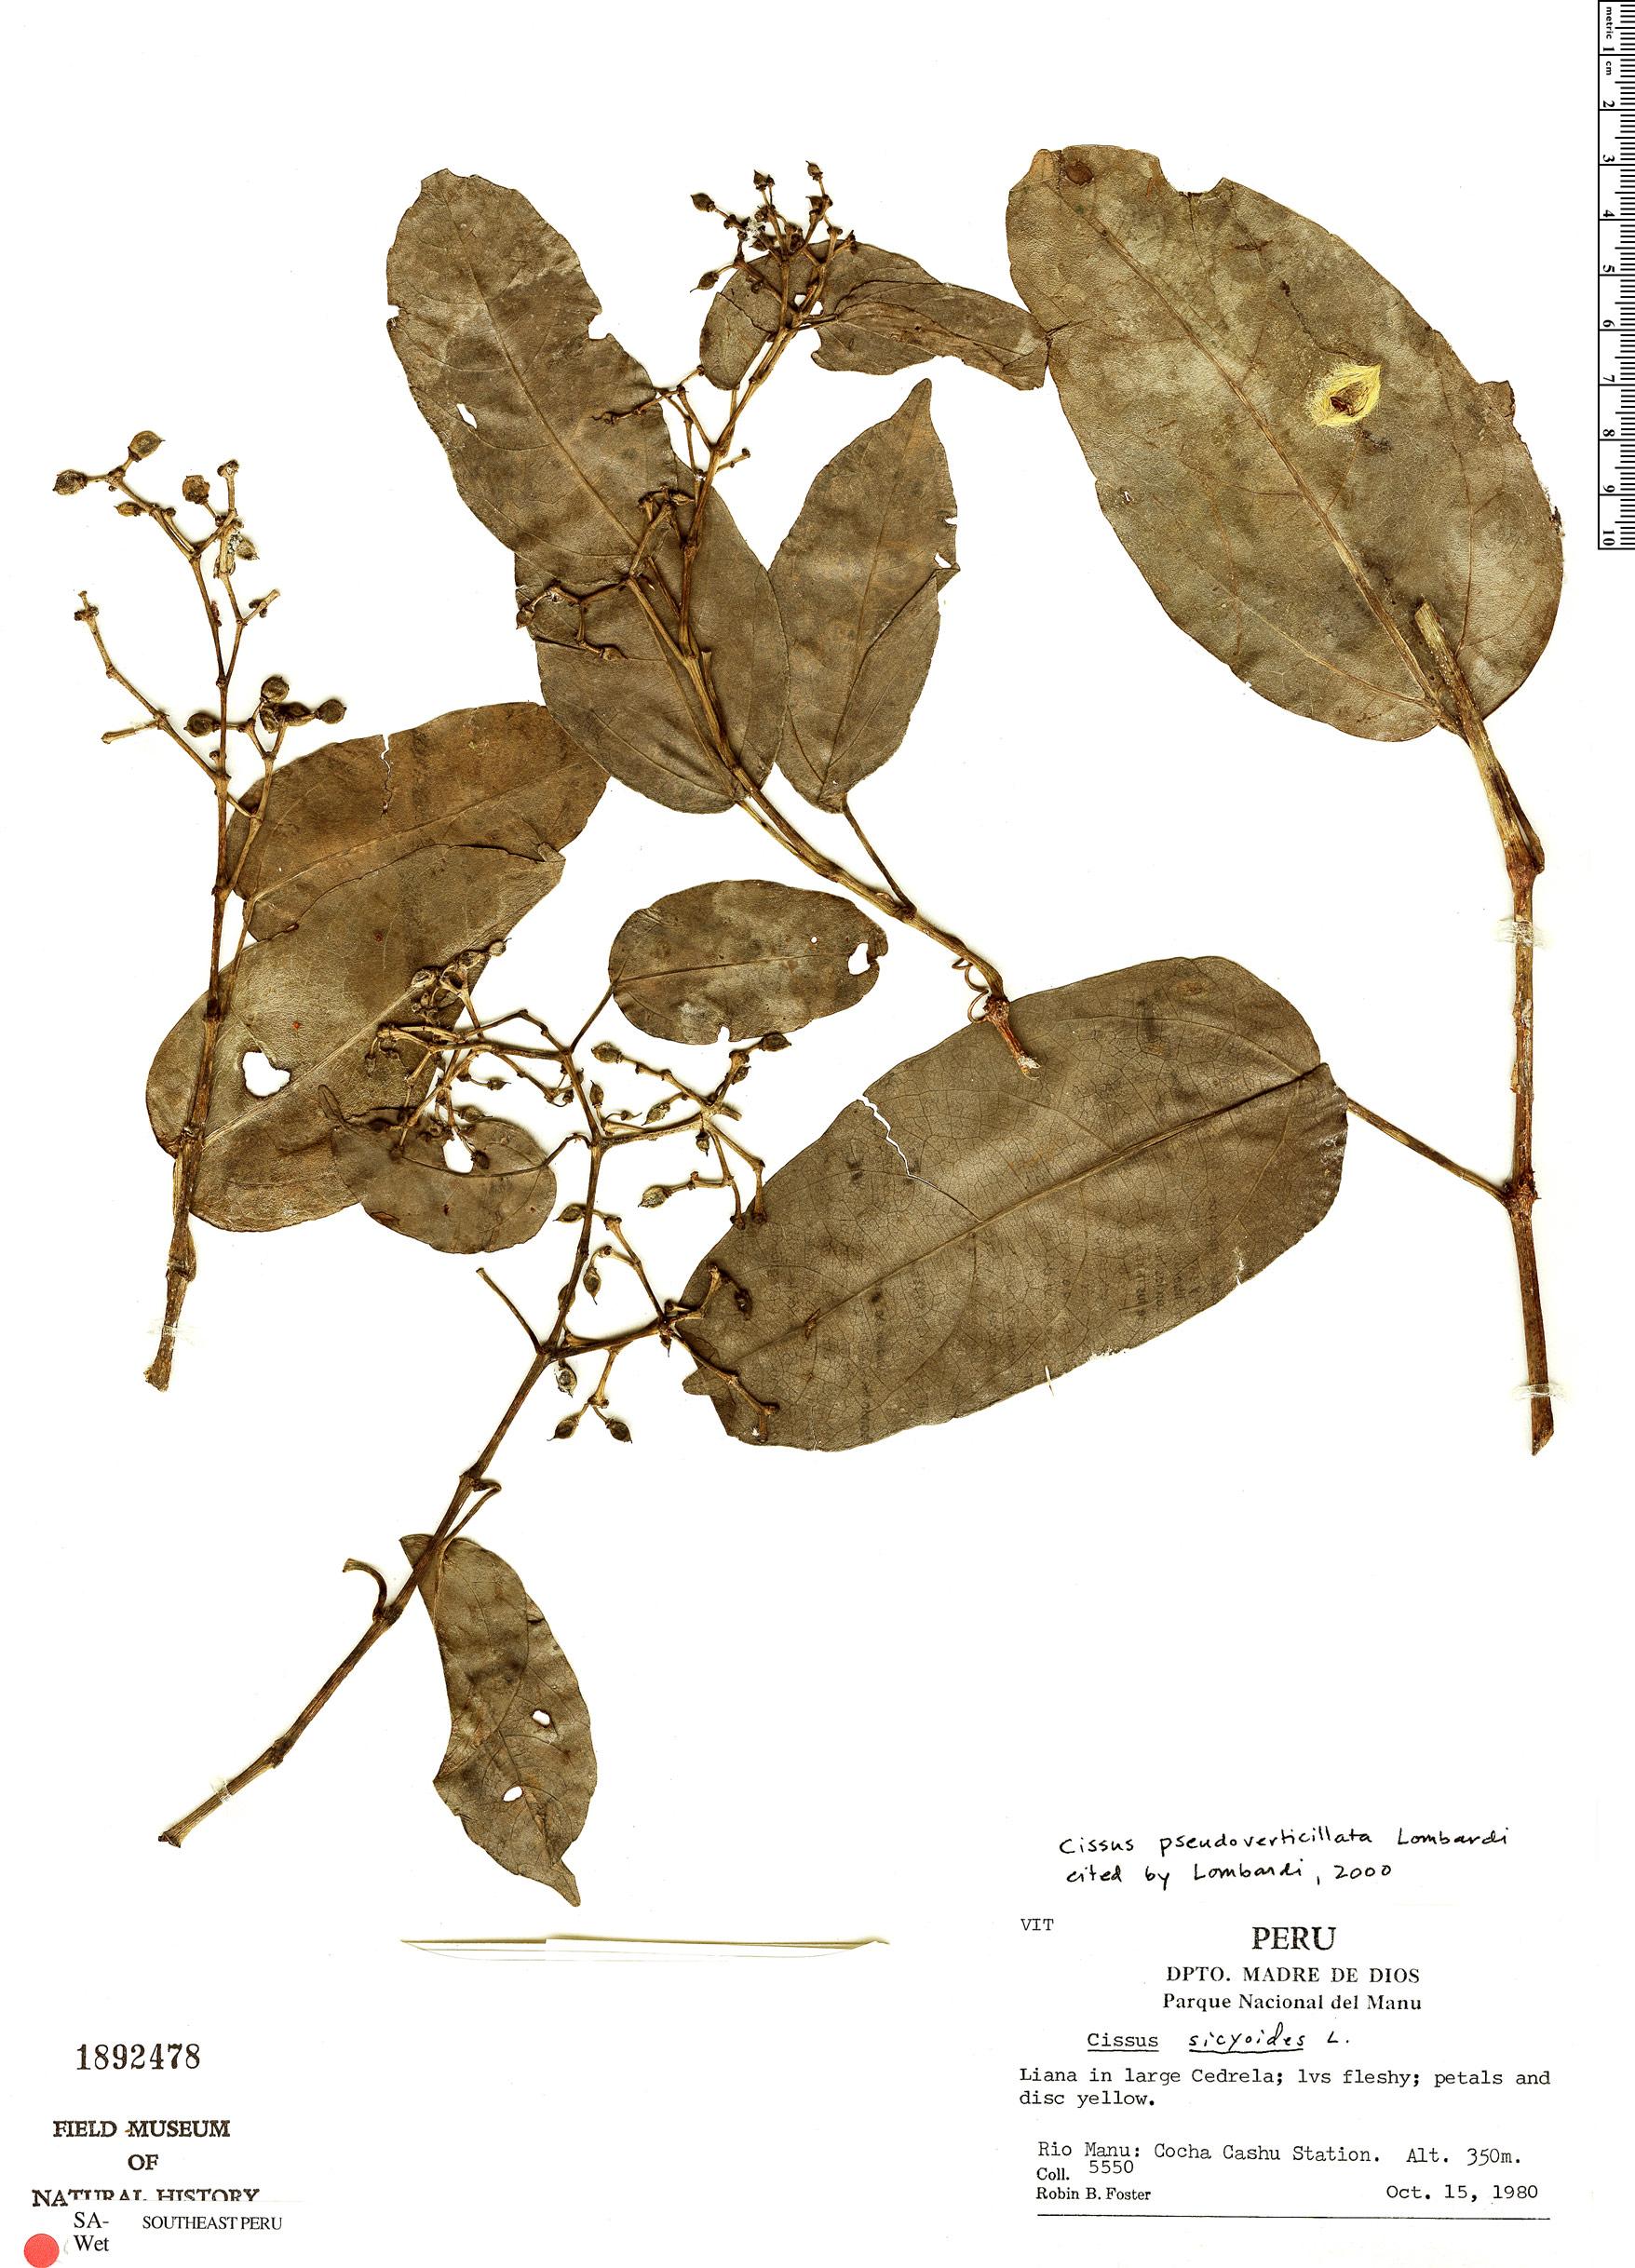 Specimen: Cissus pseudoverticillata